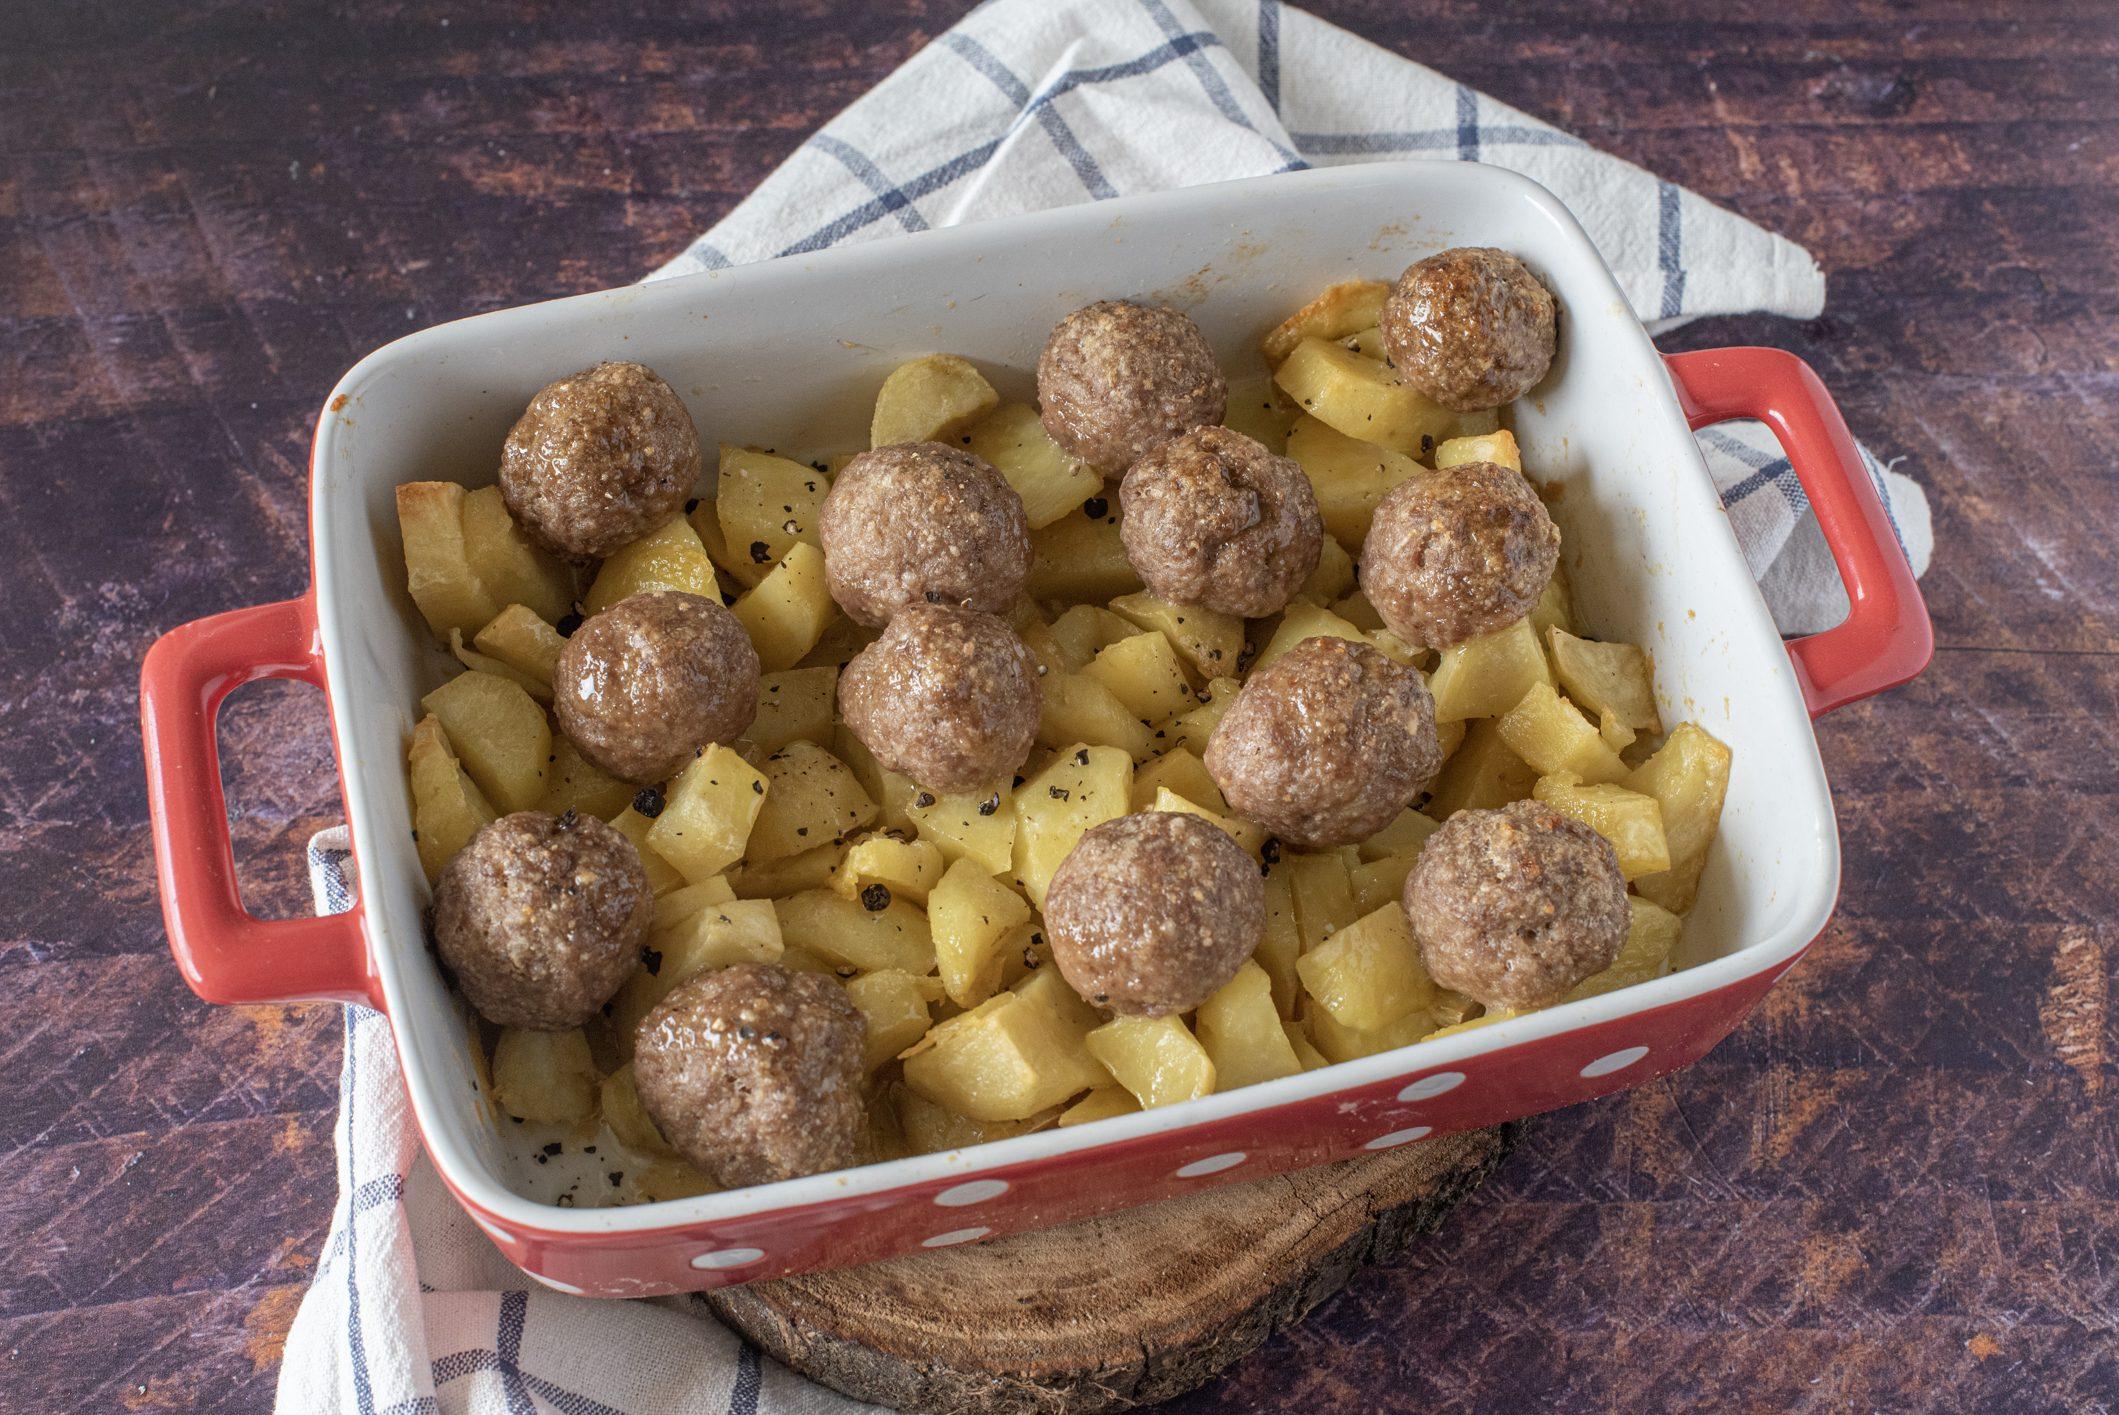 Polpette con patate al forno: la ricetta del piatto facile e golosissimo